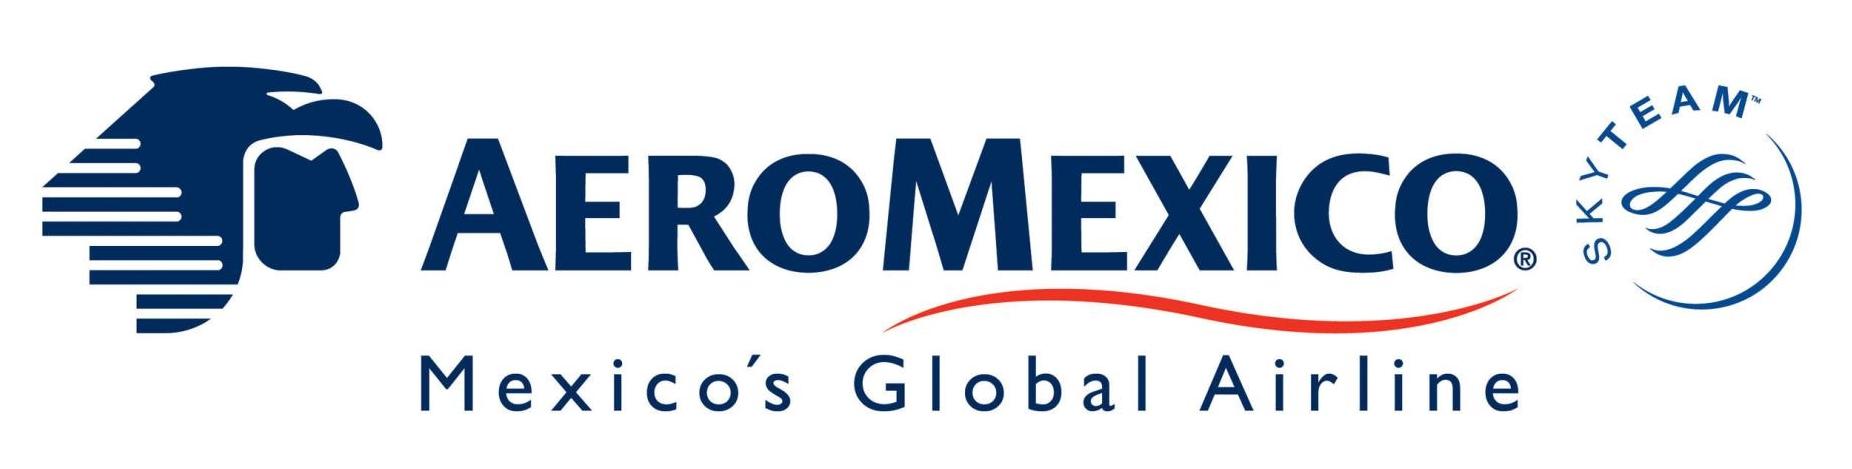 Aeromexico logotype 2, logo - Aeromexico Logo PNG